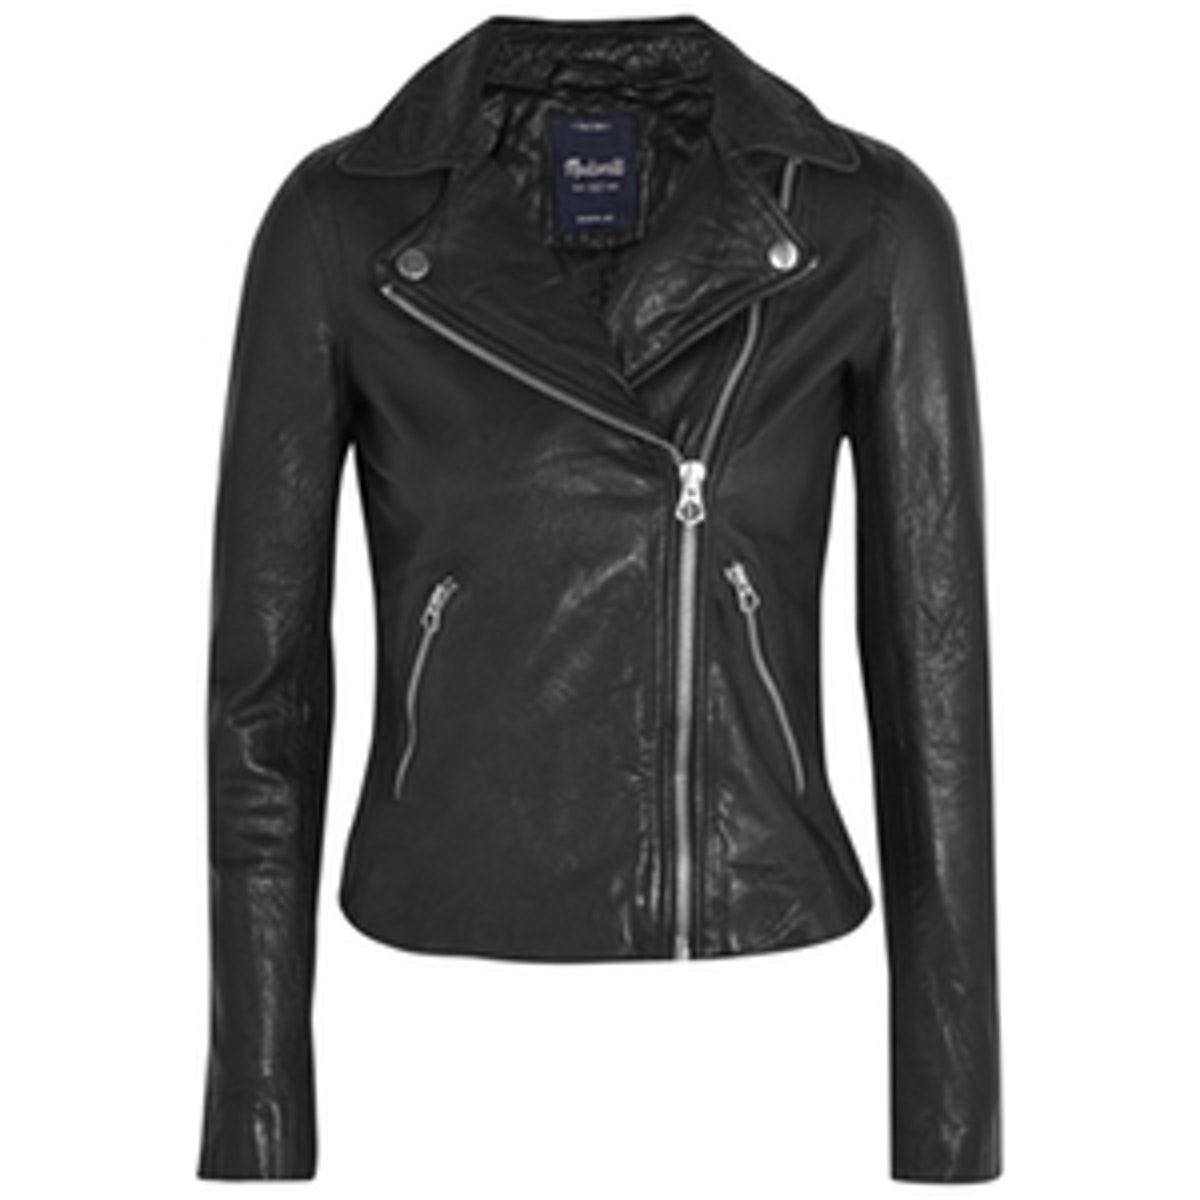 Washed Leather Motorcycle Jacket